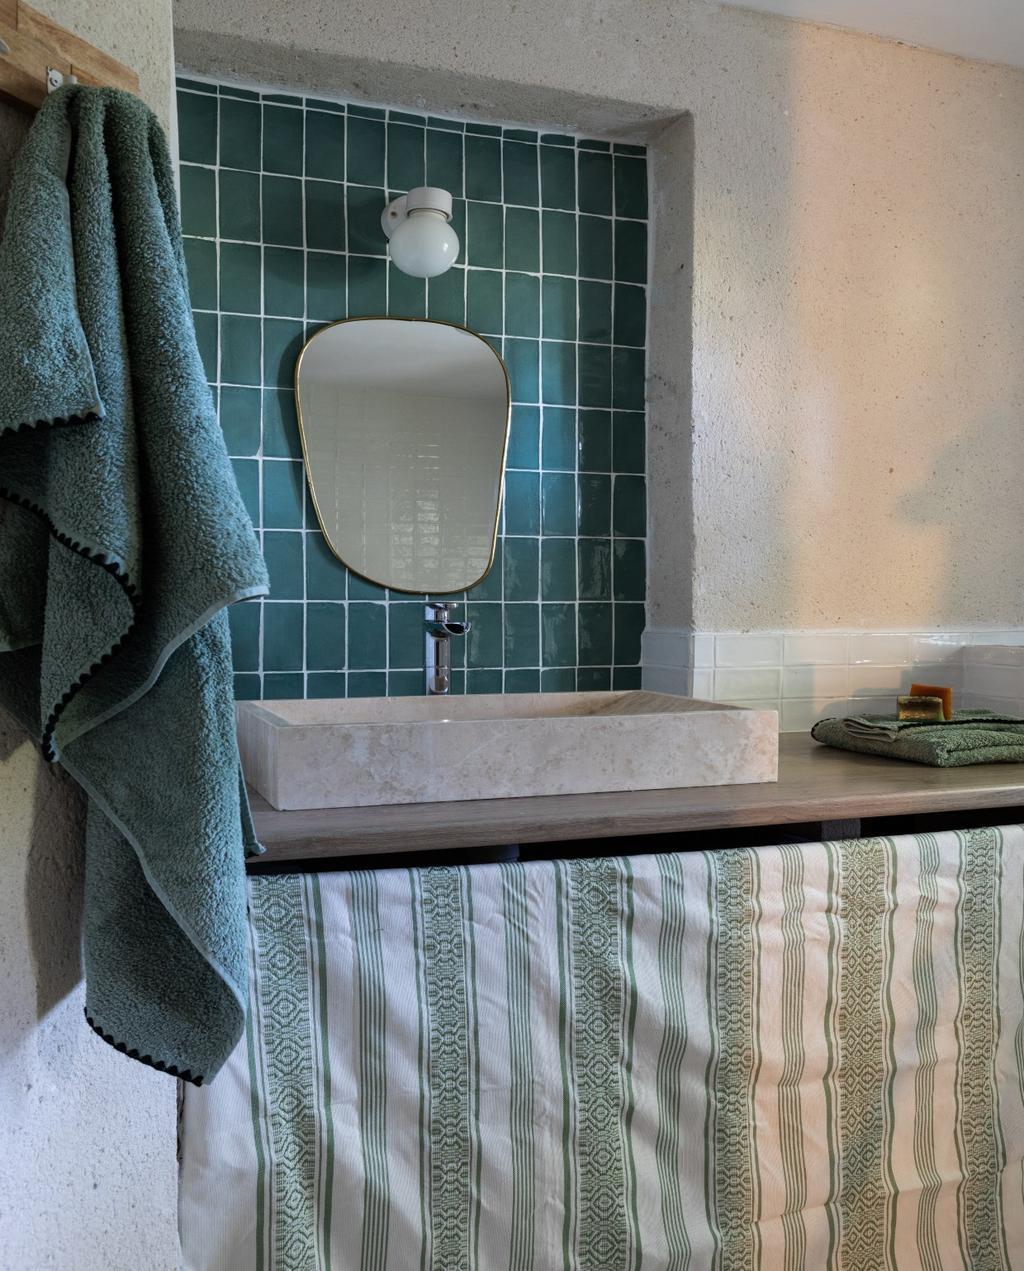 vtwonen 08-2020 | bk buitenland frankrijk badkamer met blauwe tegels